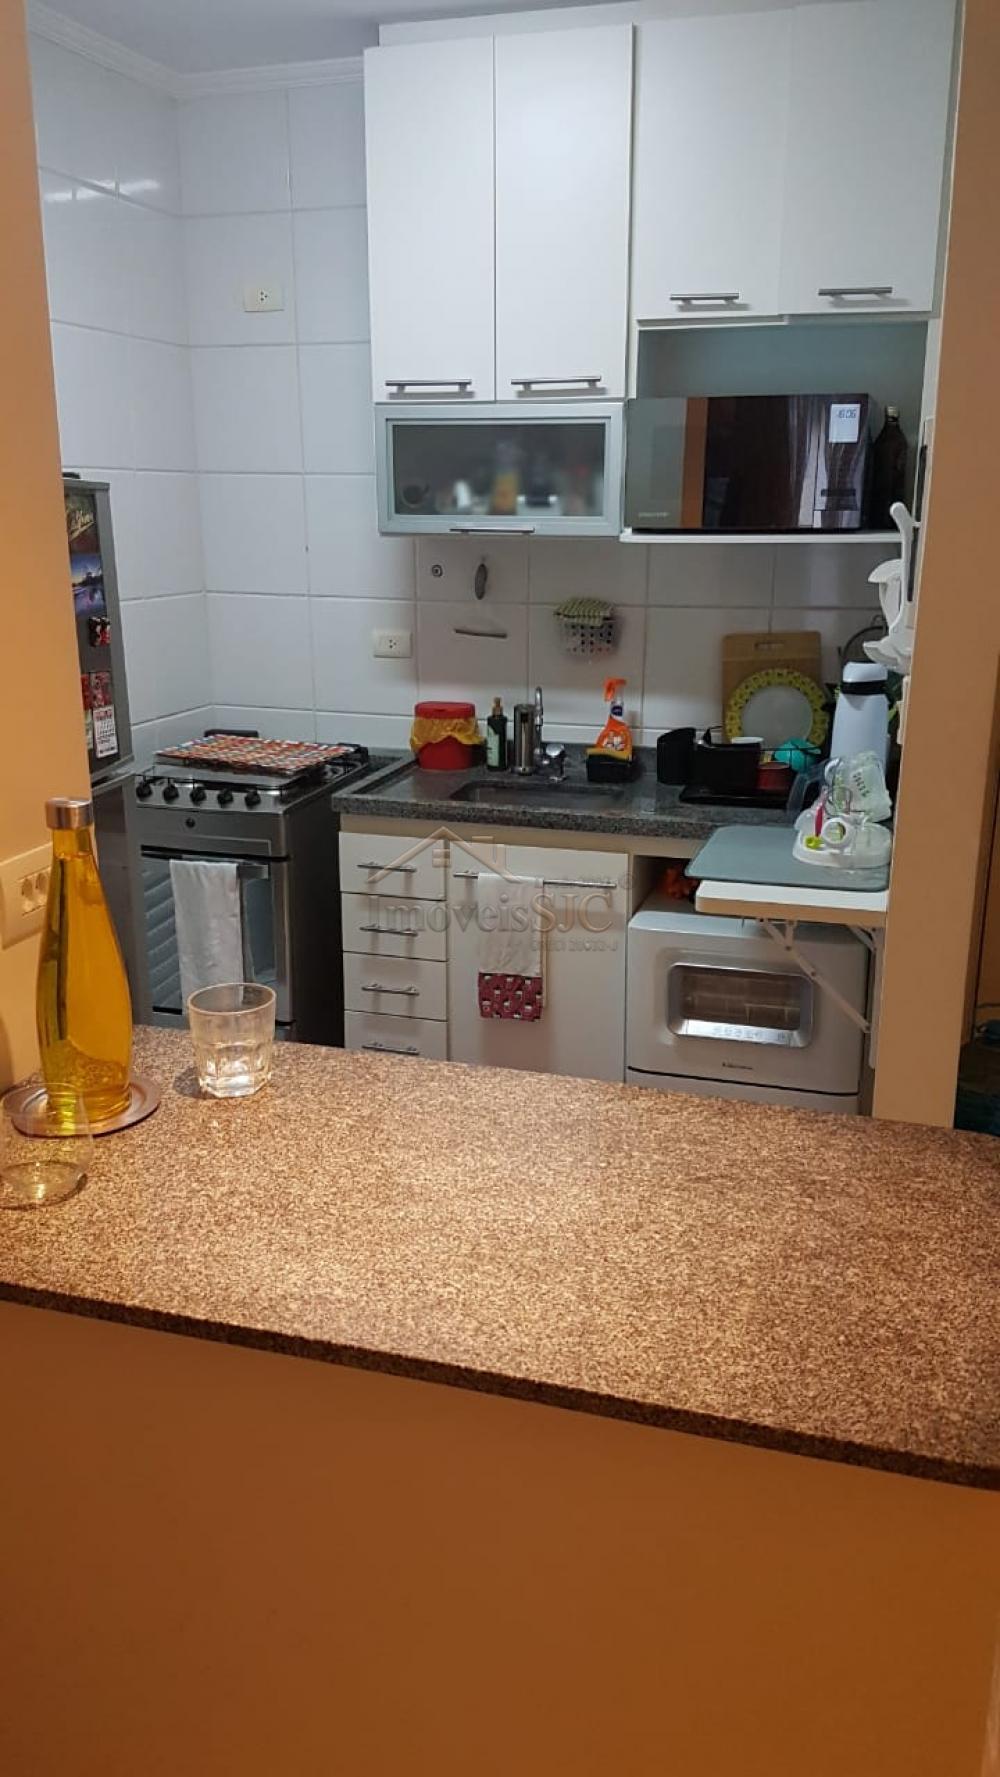 Comprar Apartamentos / Padrão em São José dos Campos apenas R$ 385.000,00 - Foto 5